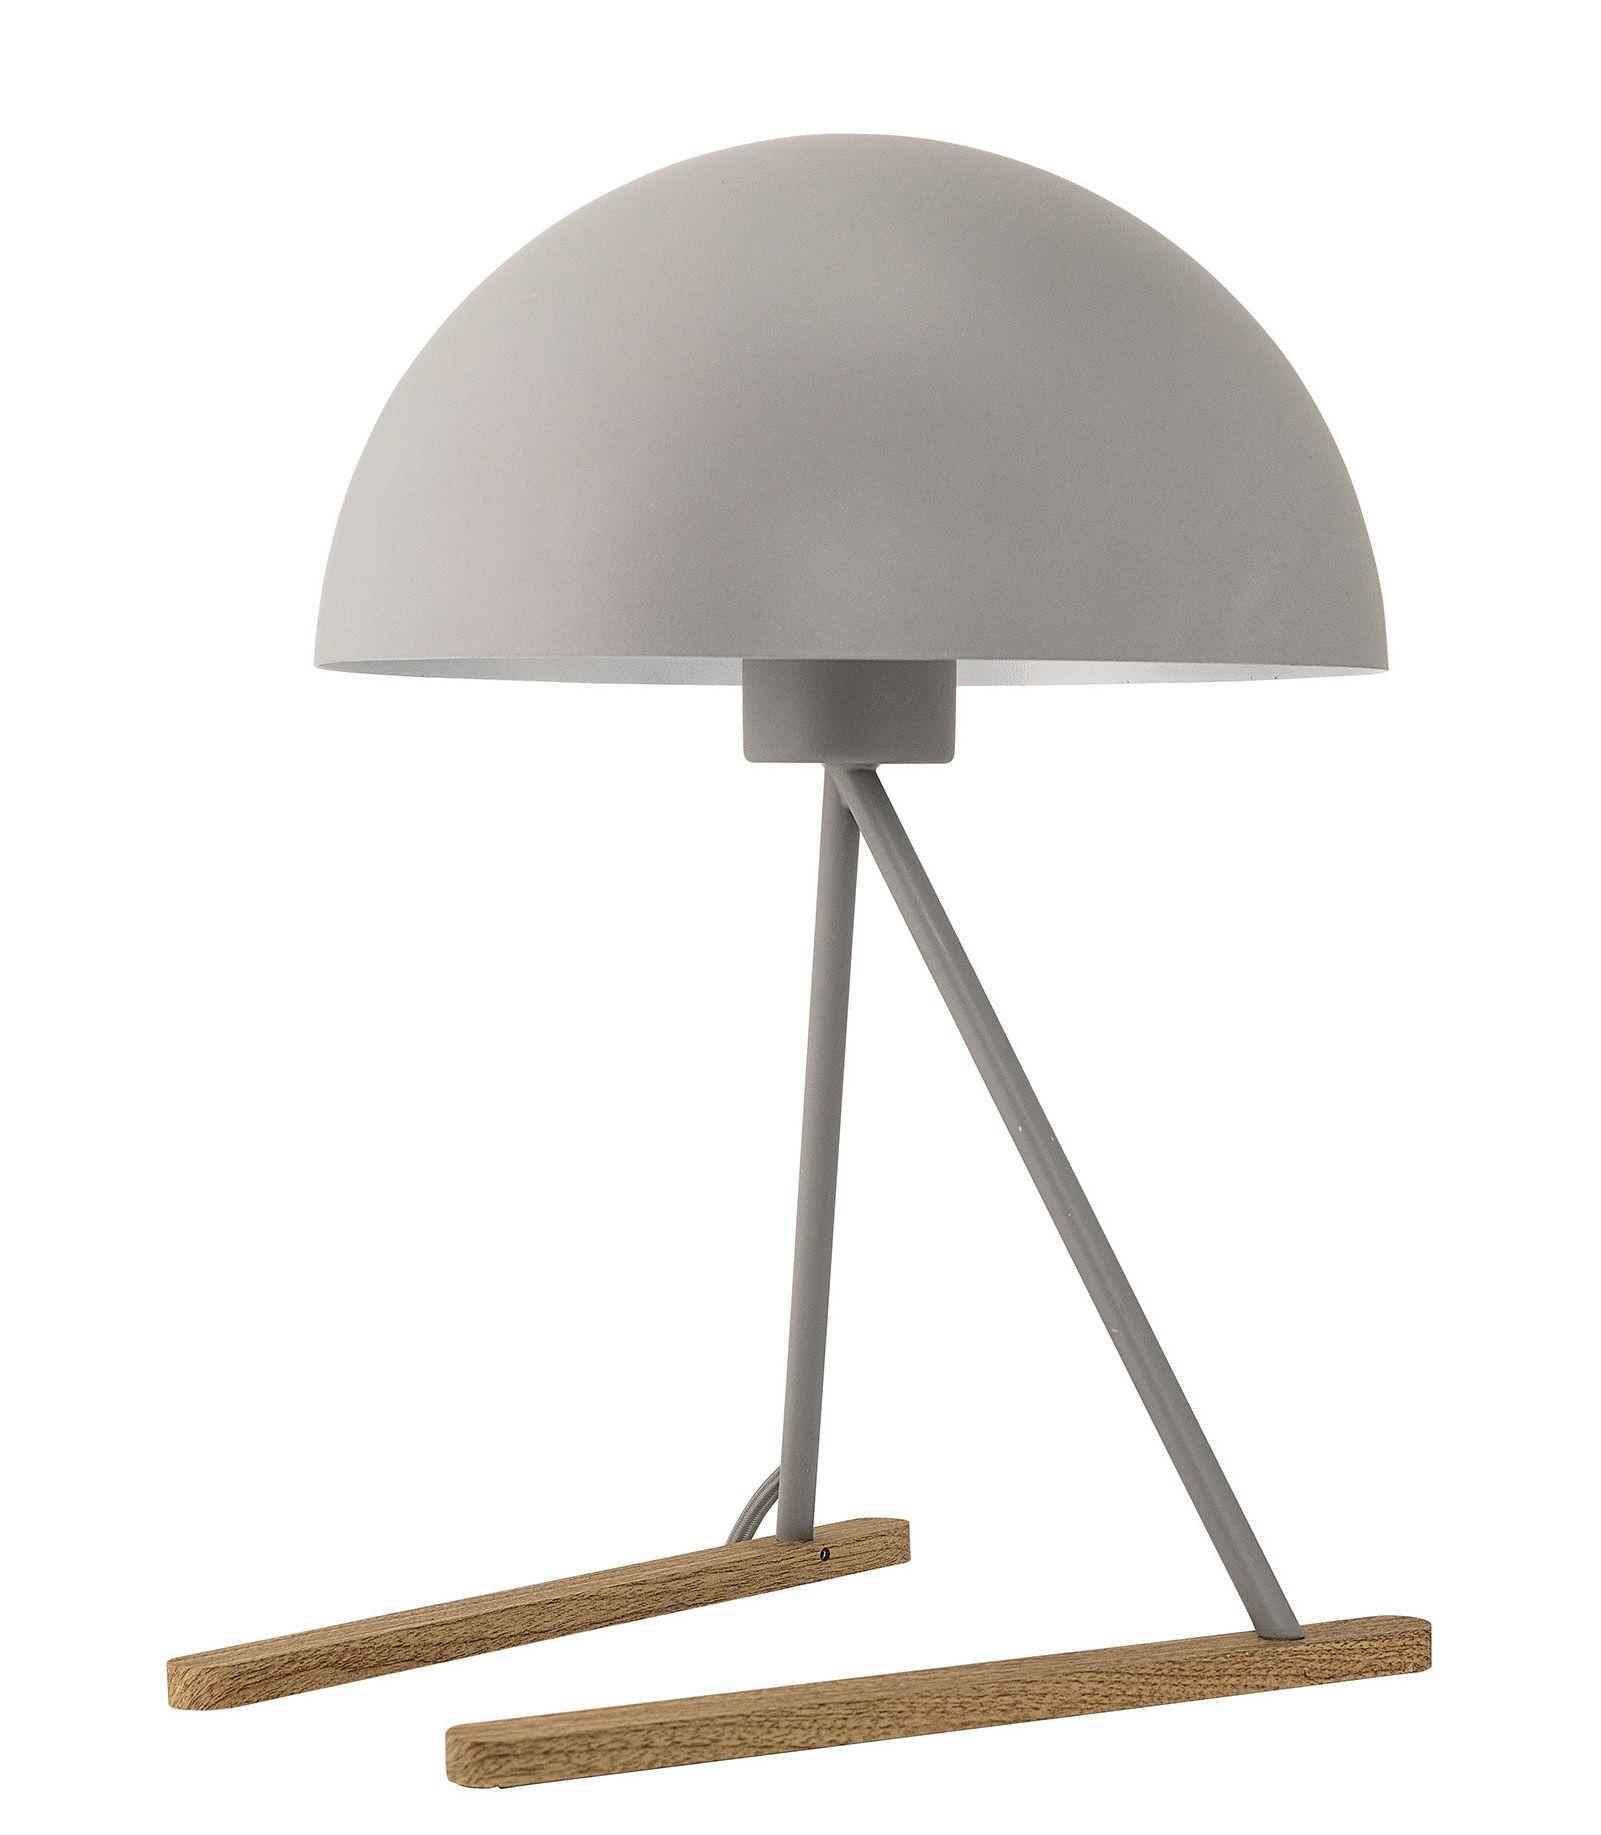 Luminaire - Lampes de table - Lampe de table / Métal & bois - Bloomingville - Gris / Pieds chêne - Chêne, Métal laqué